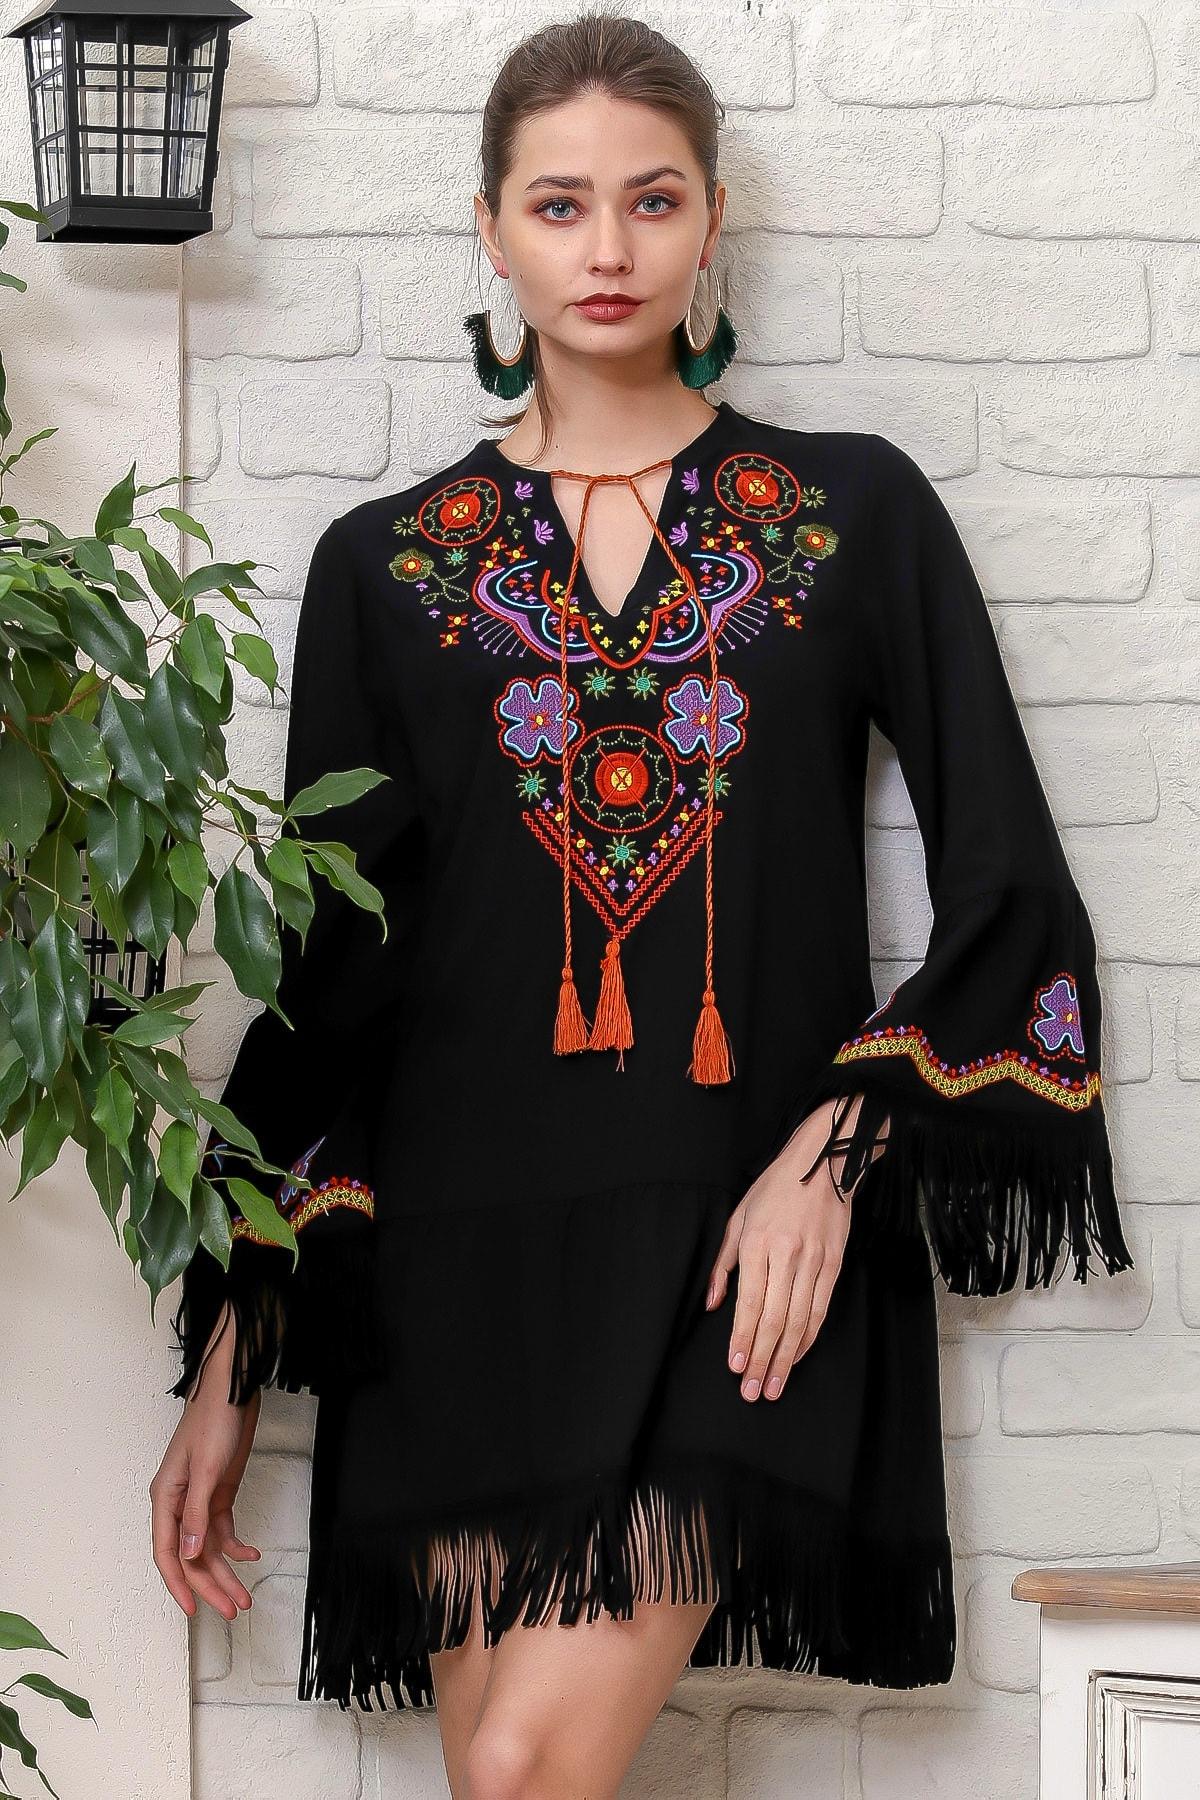 Kadın Siyah V Yaka Çiçek Nakış Detaylı Püskül Bağlamalı Saçaklı Dokuma Elbise M10160000EL95934